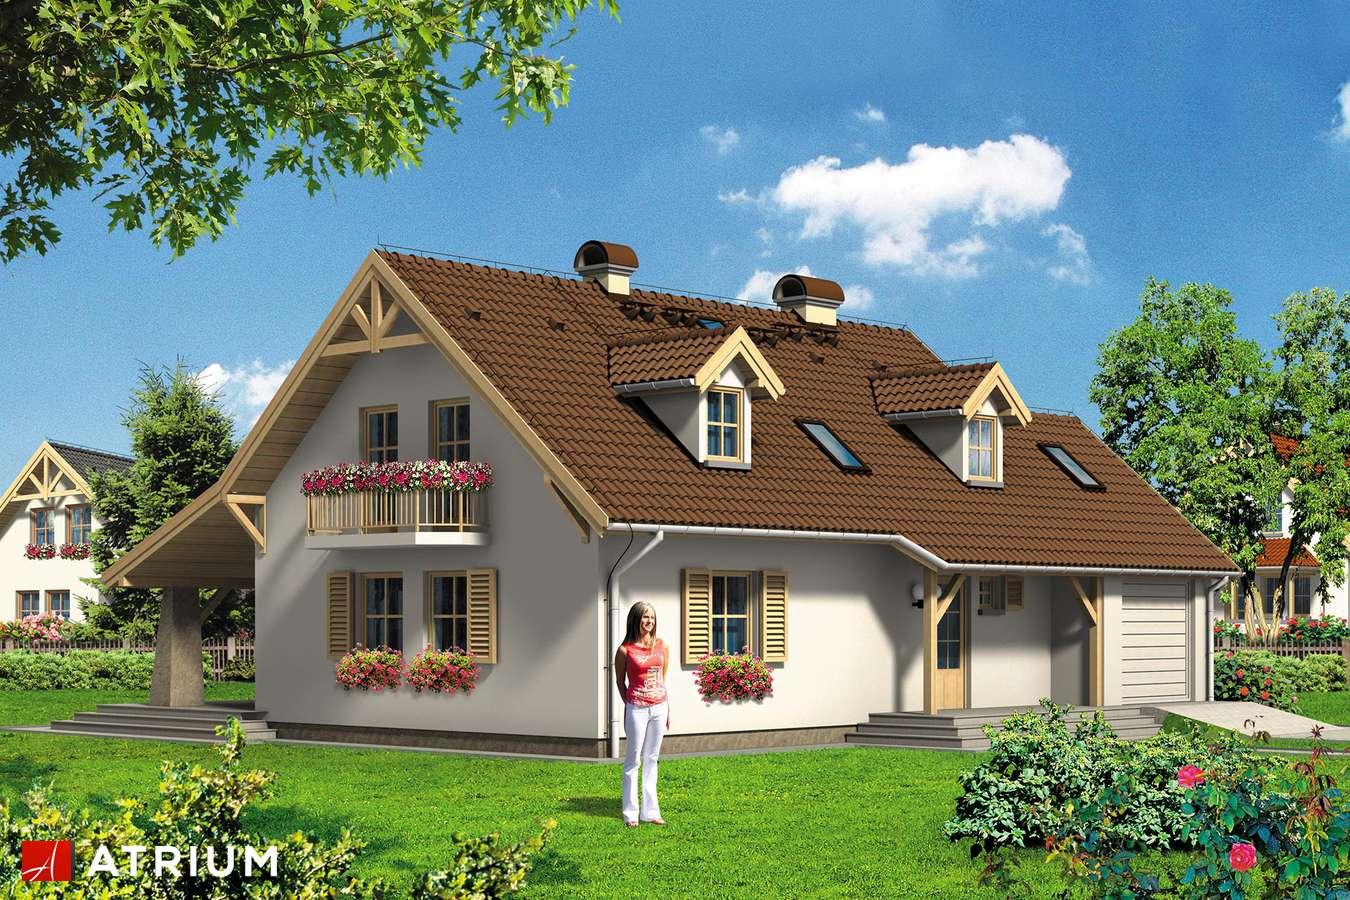 Projekty domów - Projekt domu z poddaszem BIAłY KRUK - wizualizacja 2 - wersja lustrzana